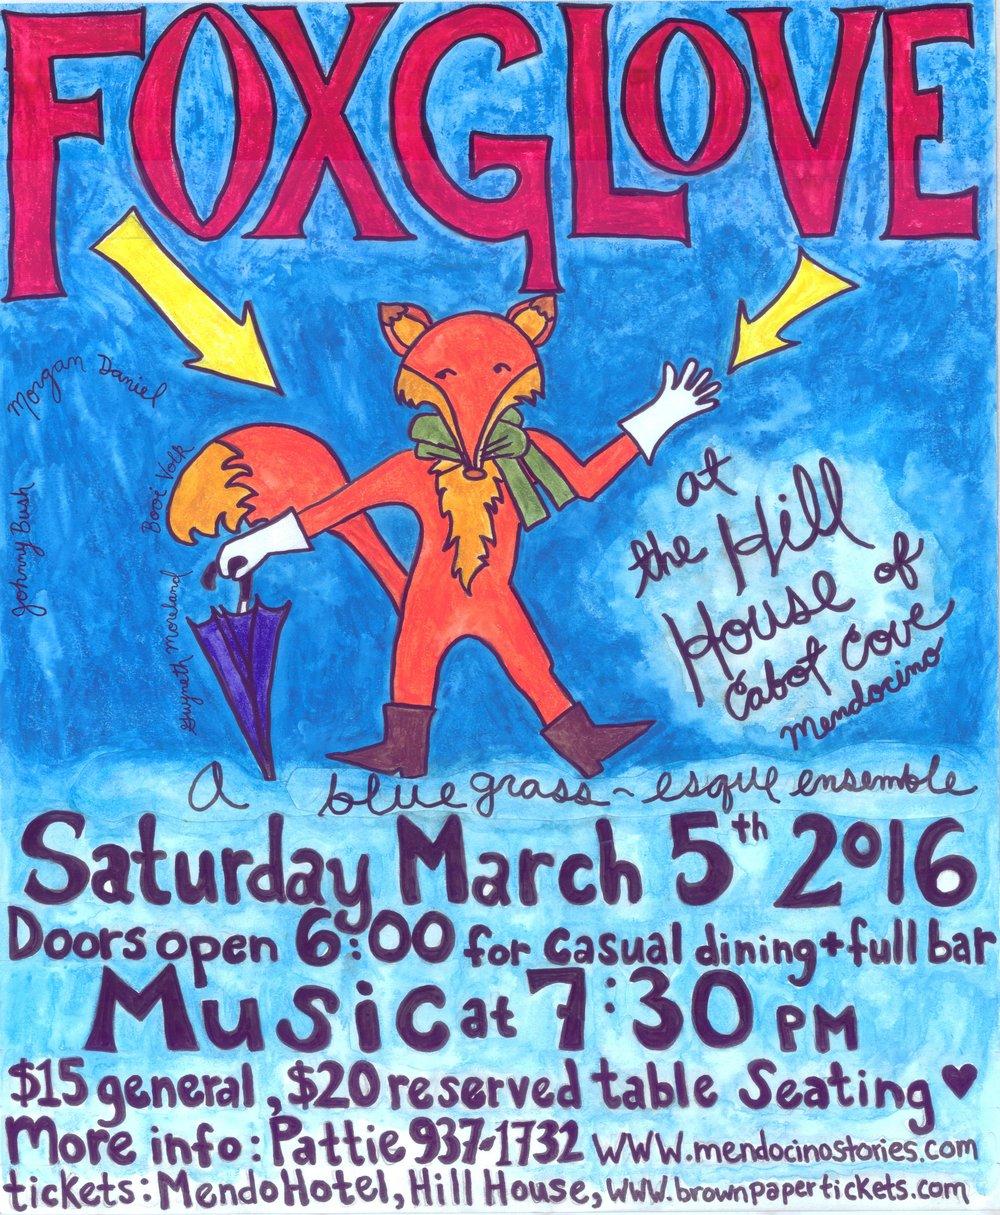 Foxglove poster 2016.jpg